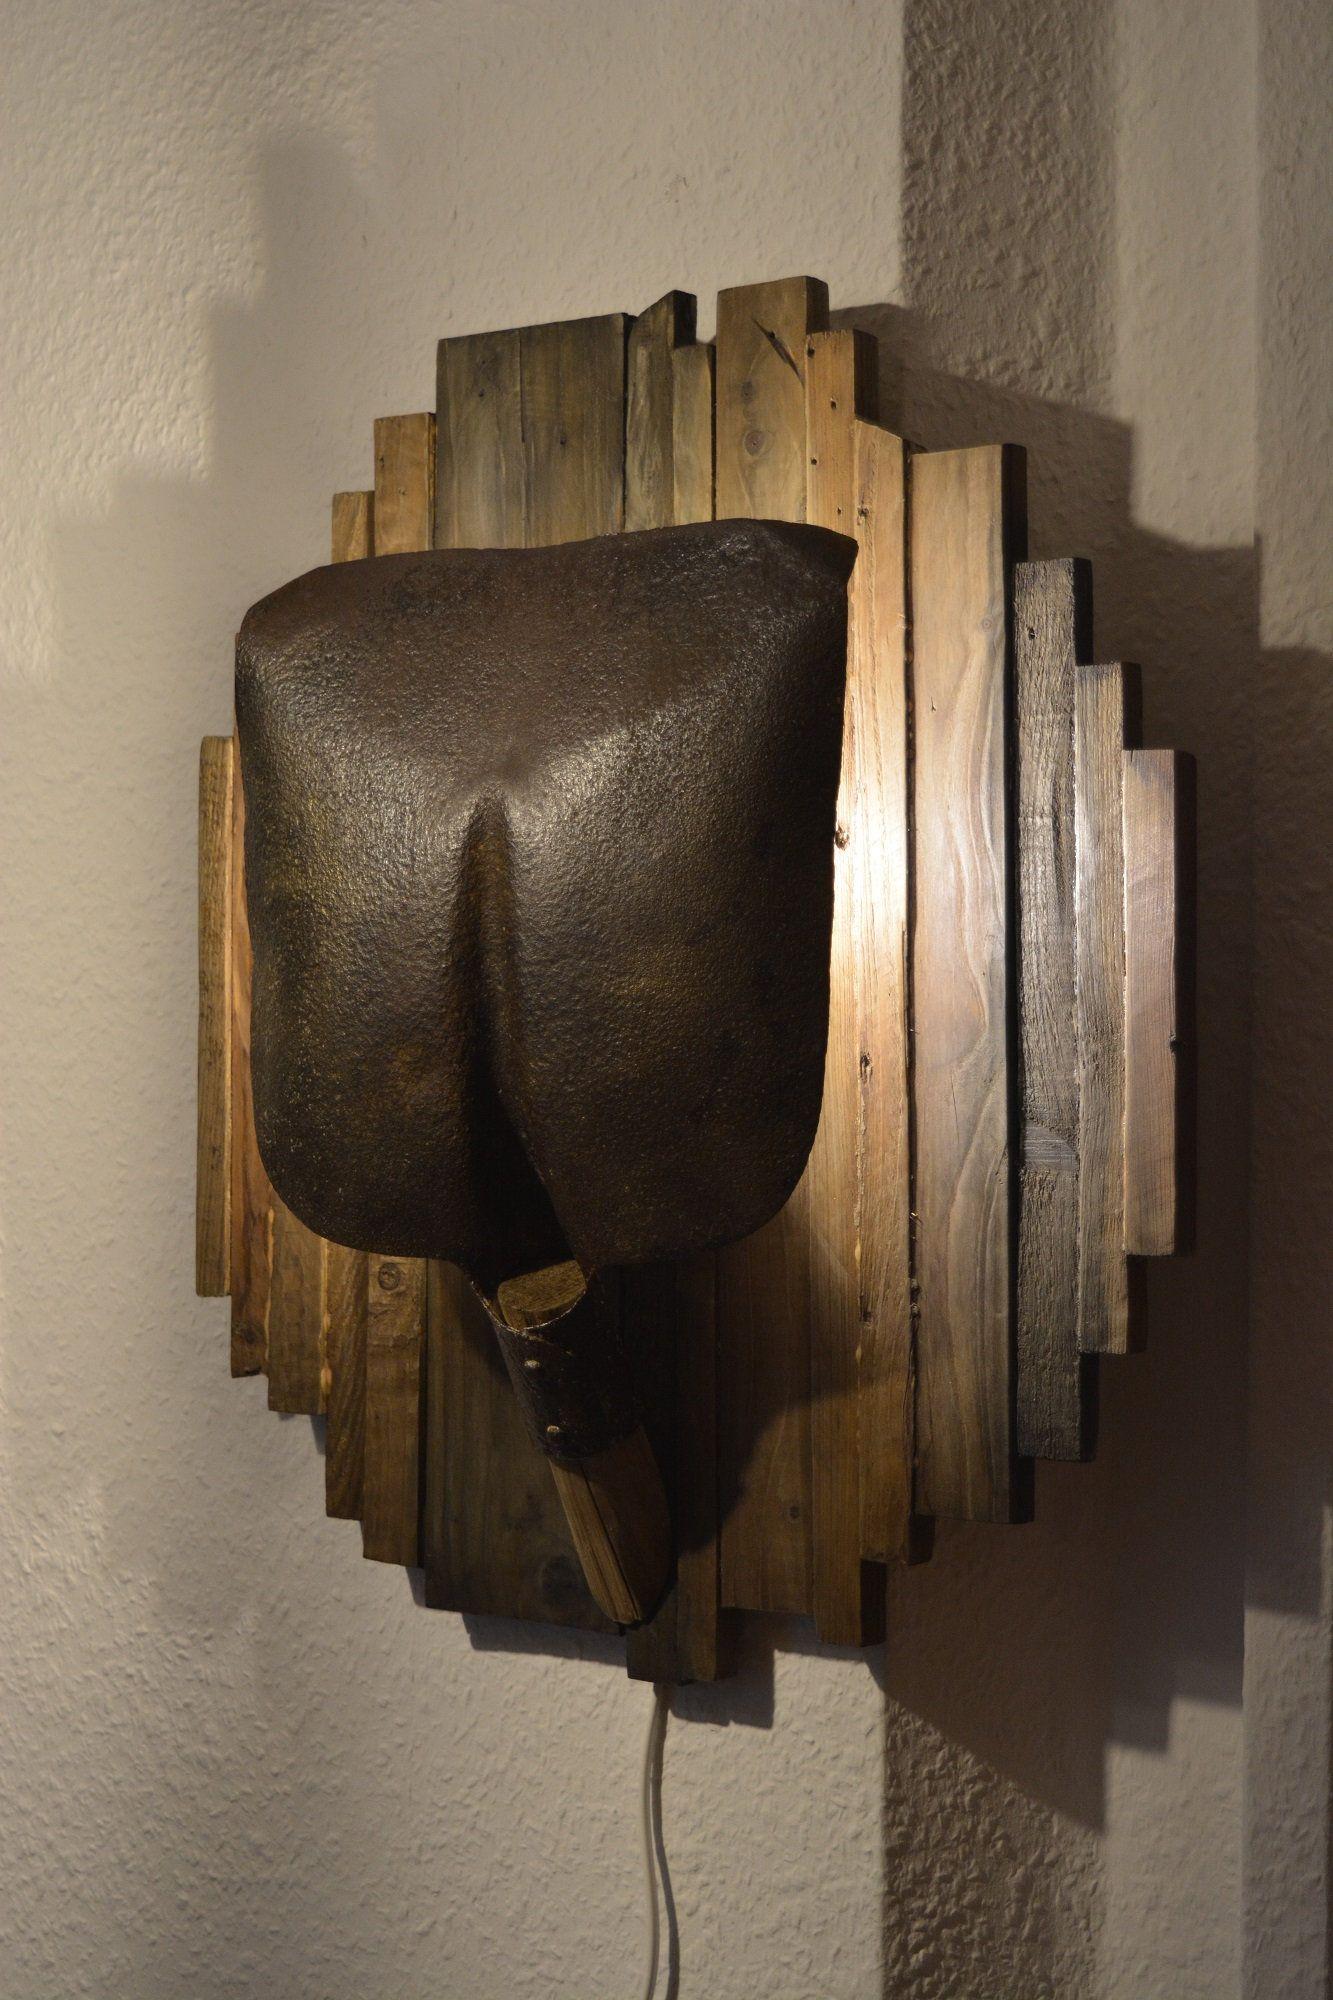 wandlampe aus einer alten schaufel und altholz von ochalikhandcrafted auf etsy diy in 2019